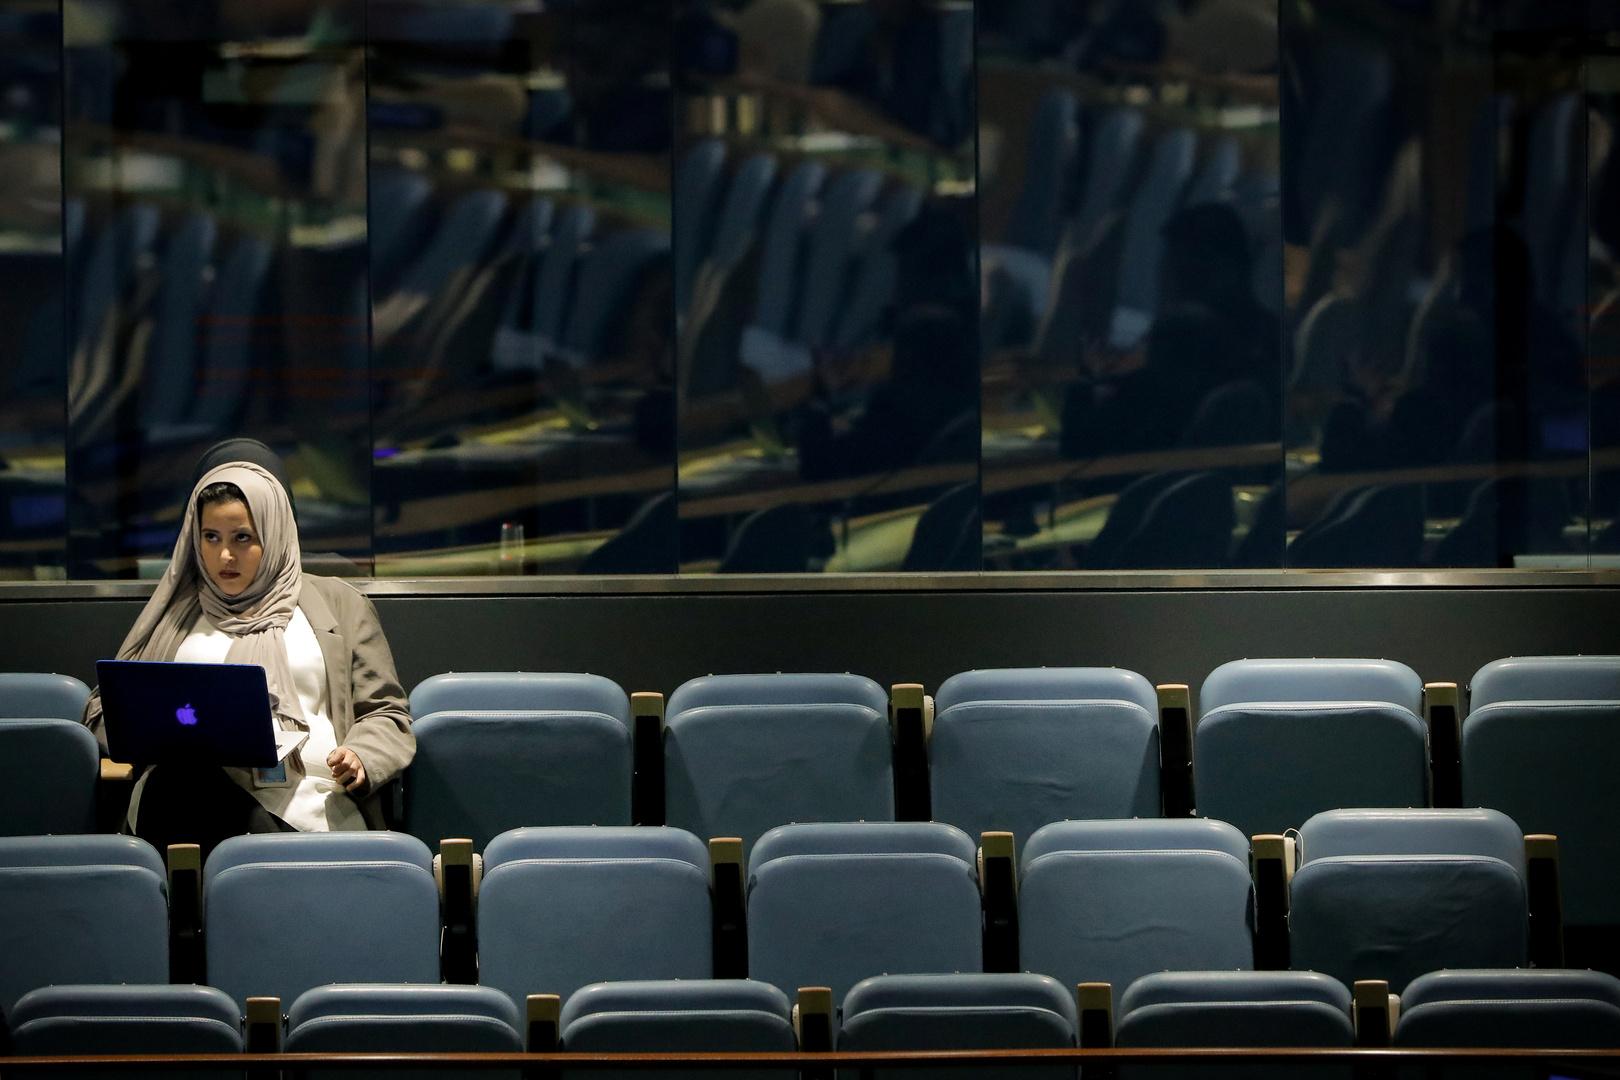 اجتماعات الجمعية العامة للأمم المتحدة ستقتصر على مقاطع فيديو لزعماء العالم